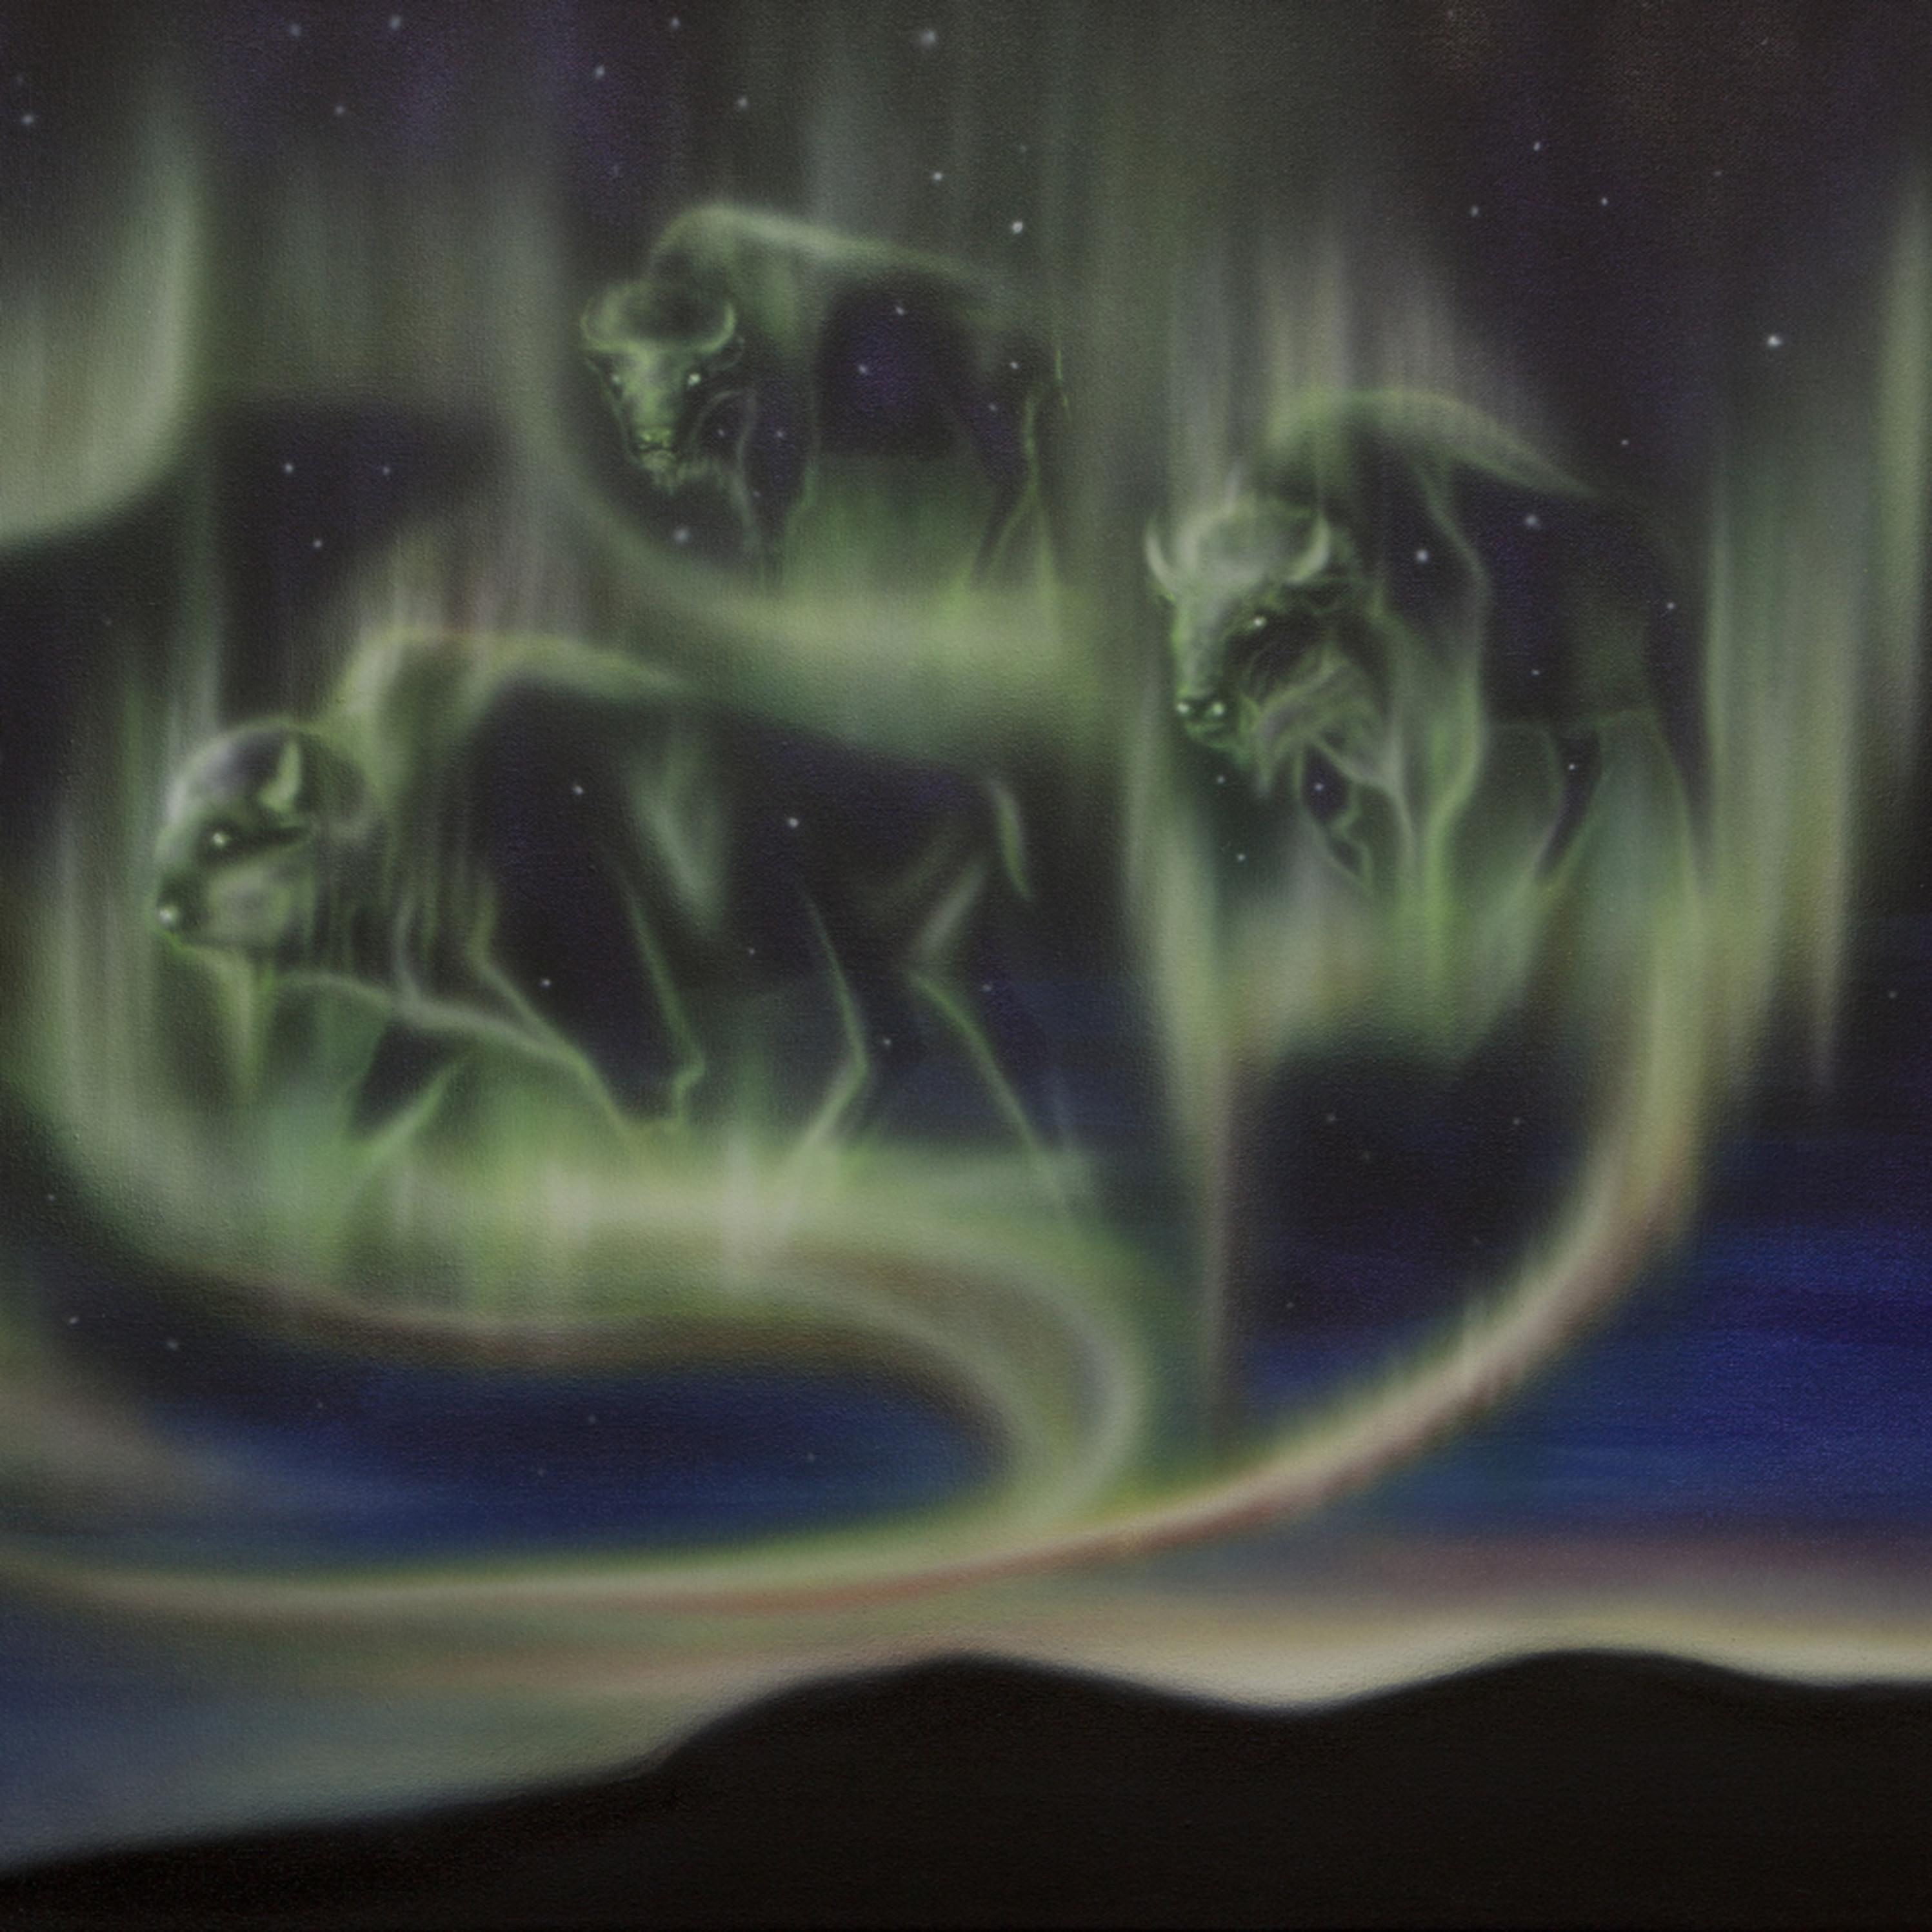 Skydance buffalos caxisw